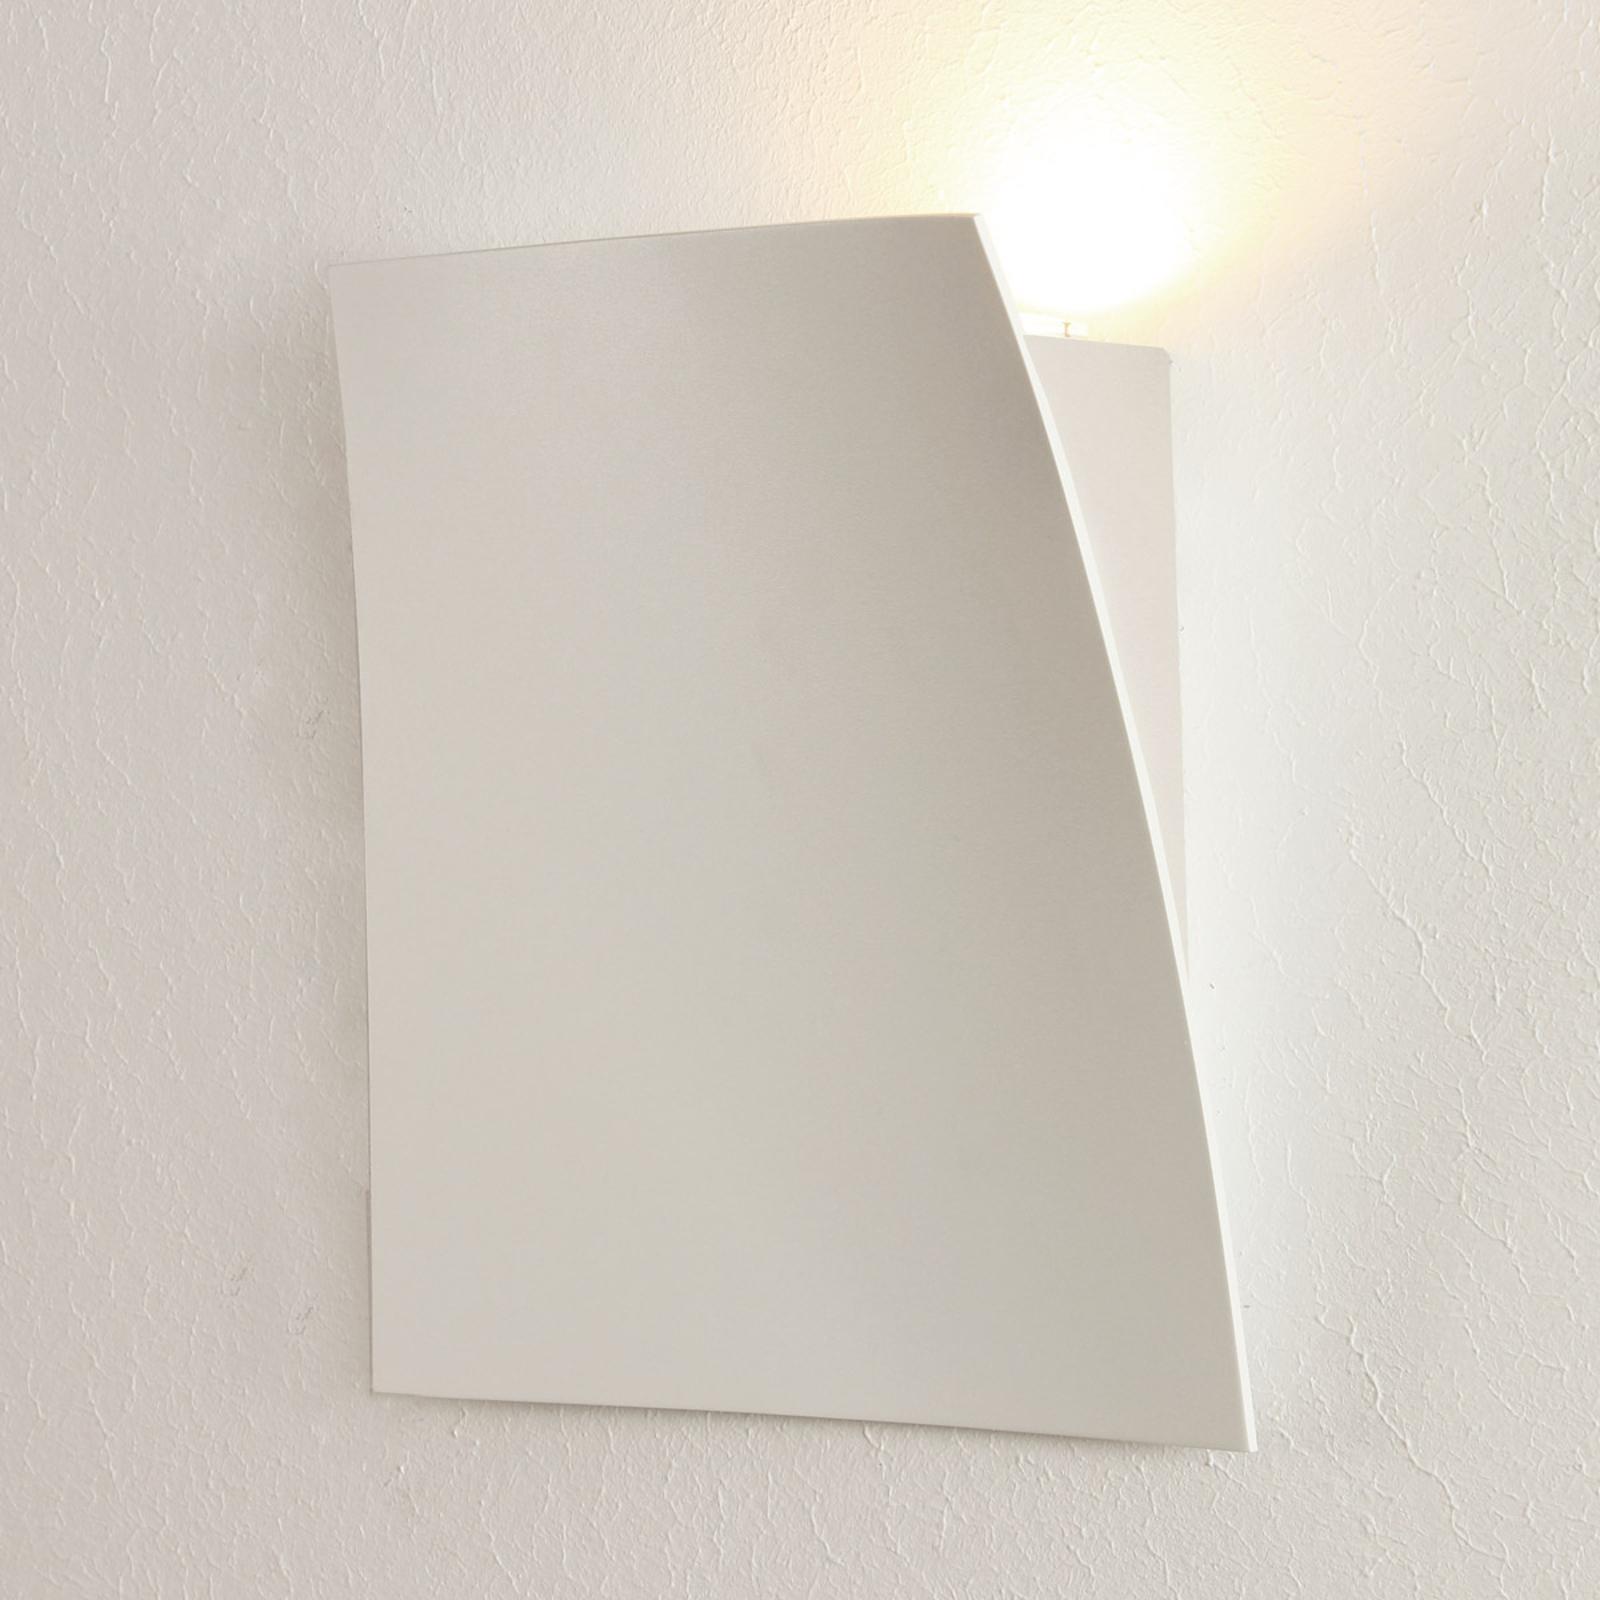 Applique LED Gap blanc mat